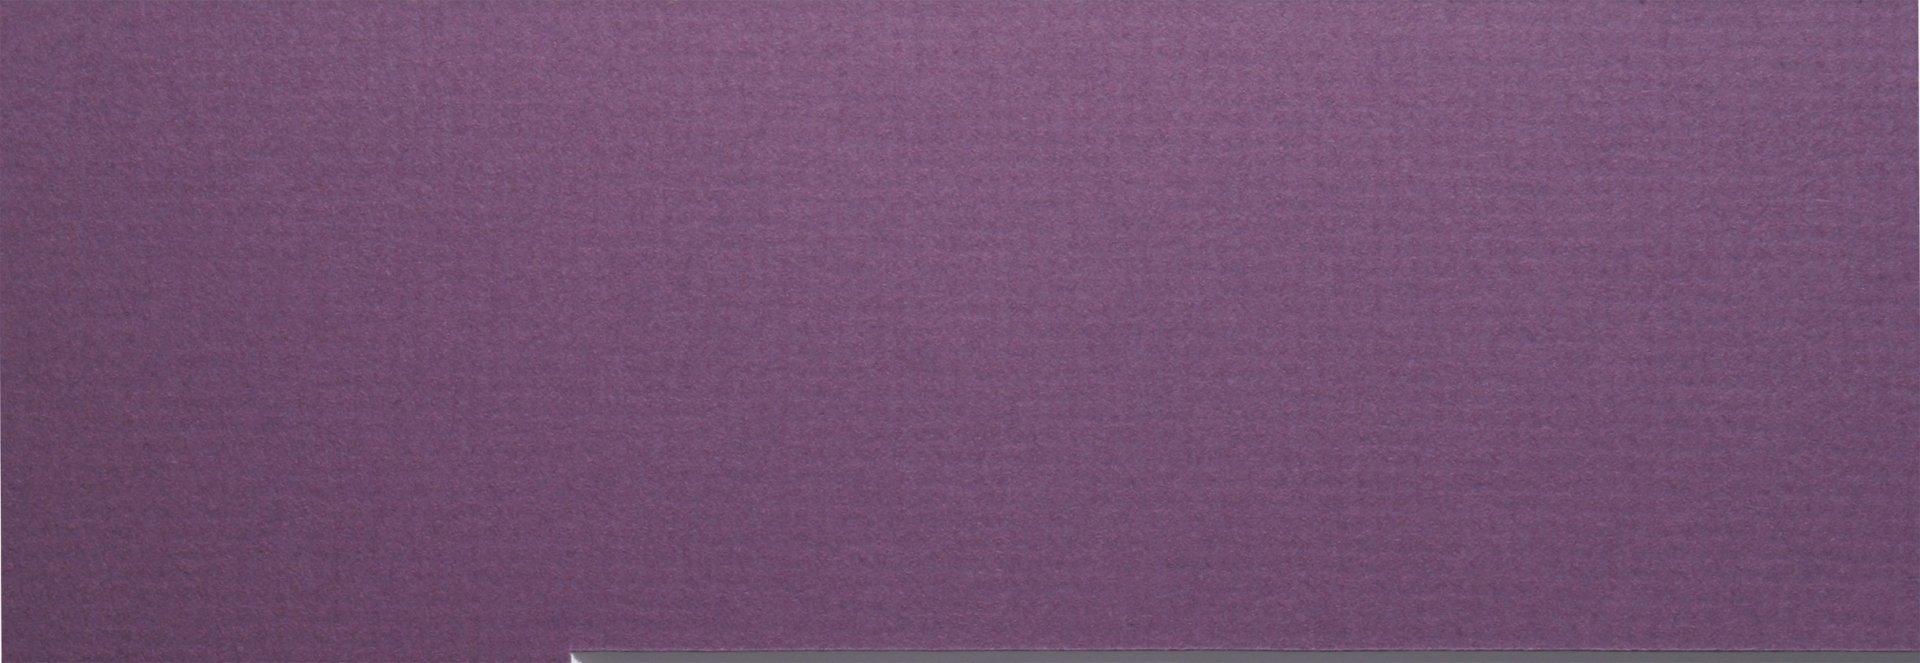 SRM 1076 Las Cruces Purple